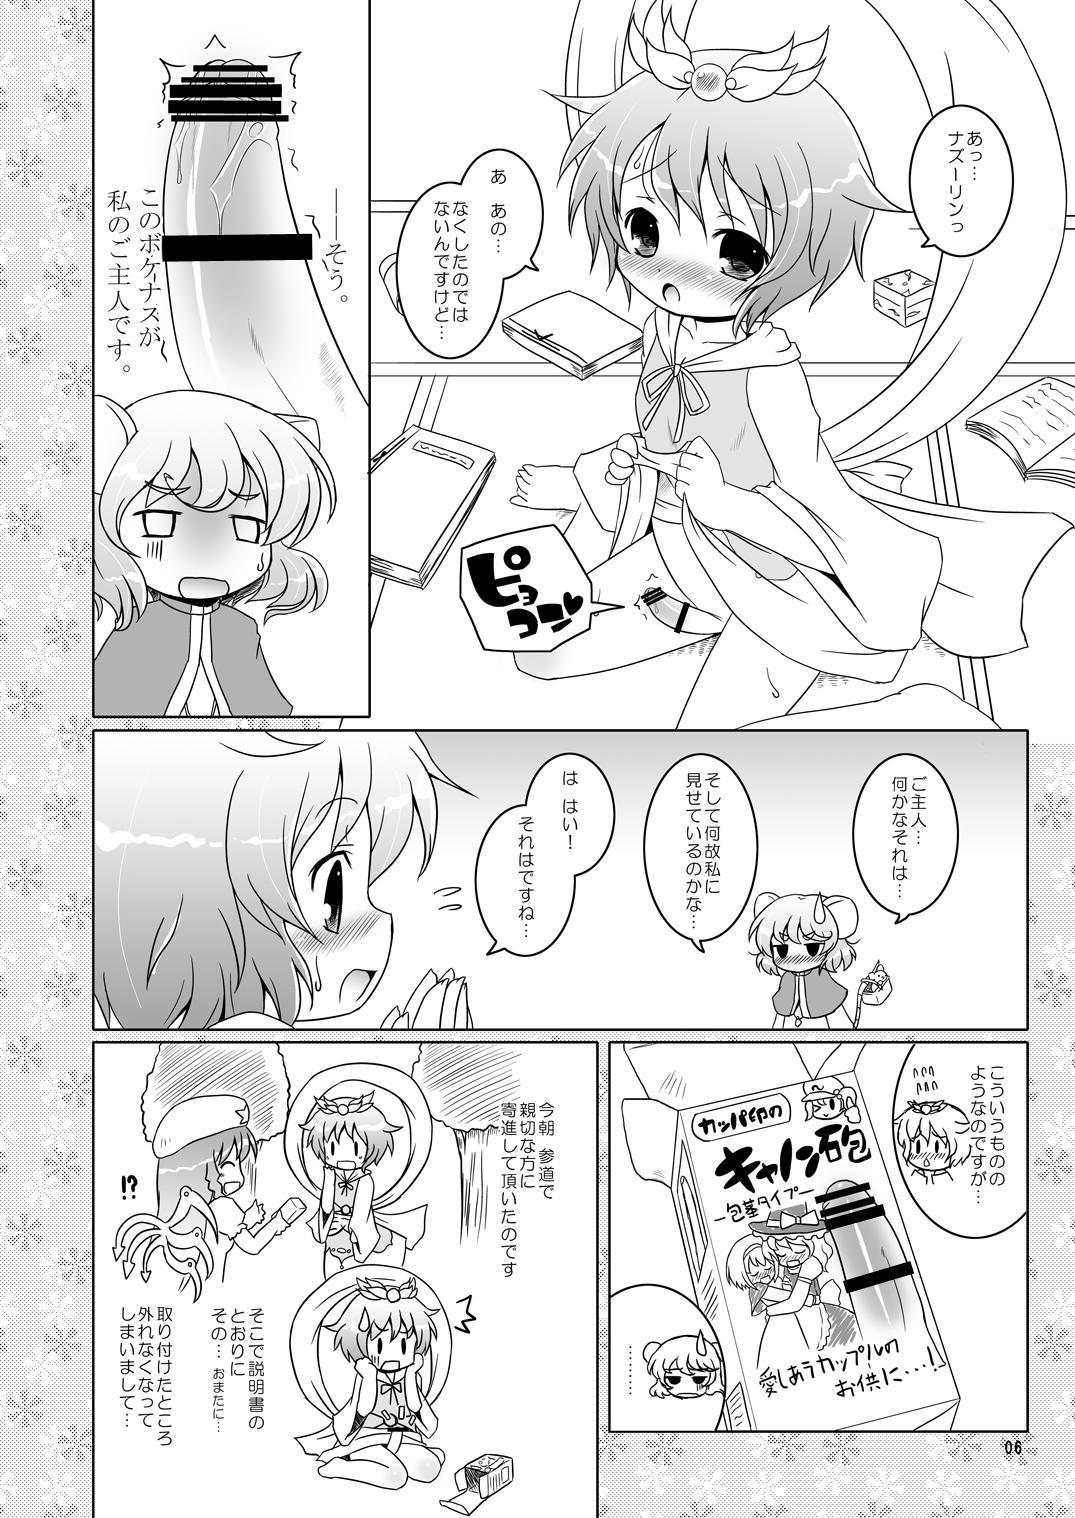 Watashi no Nazrin 4